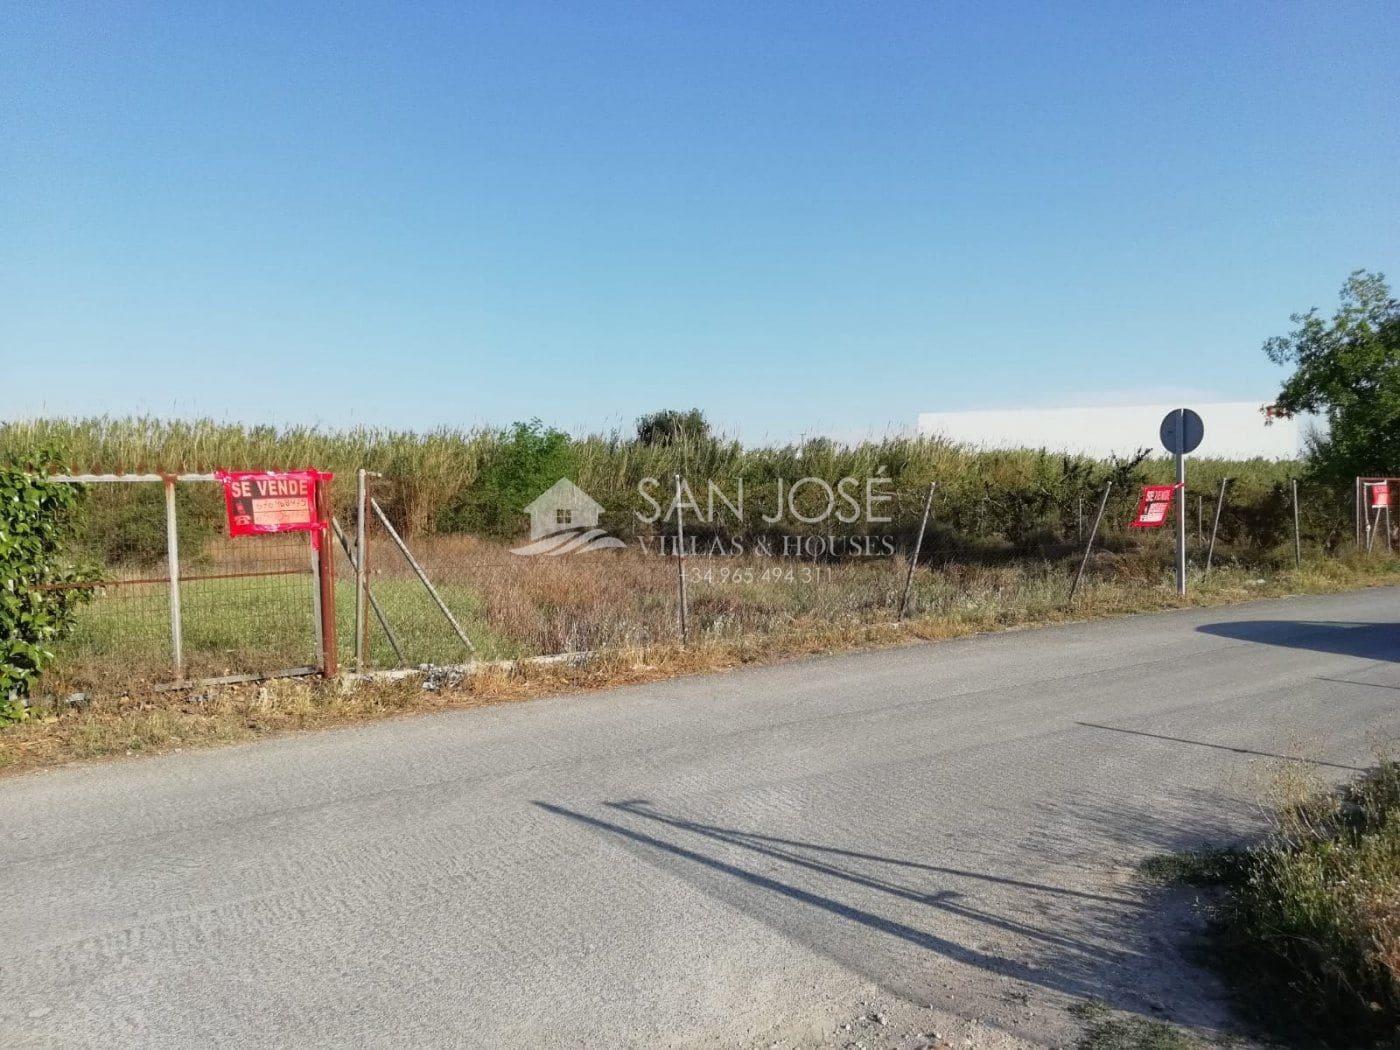 Działka budowlana na sprzedaż w Alguazas - 21 500 € (Ref: 5930479)